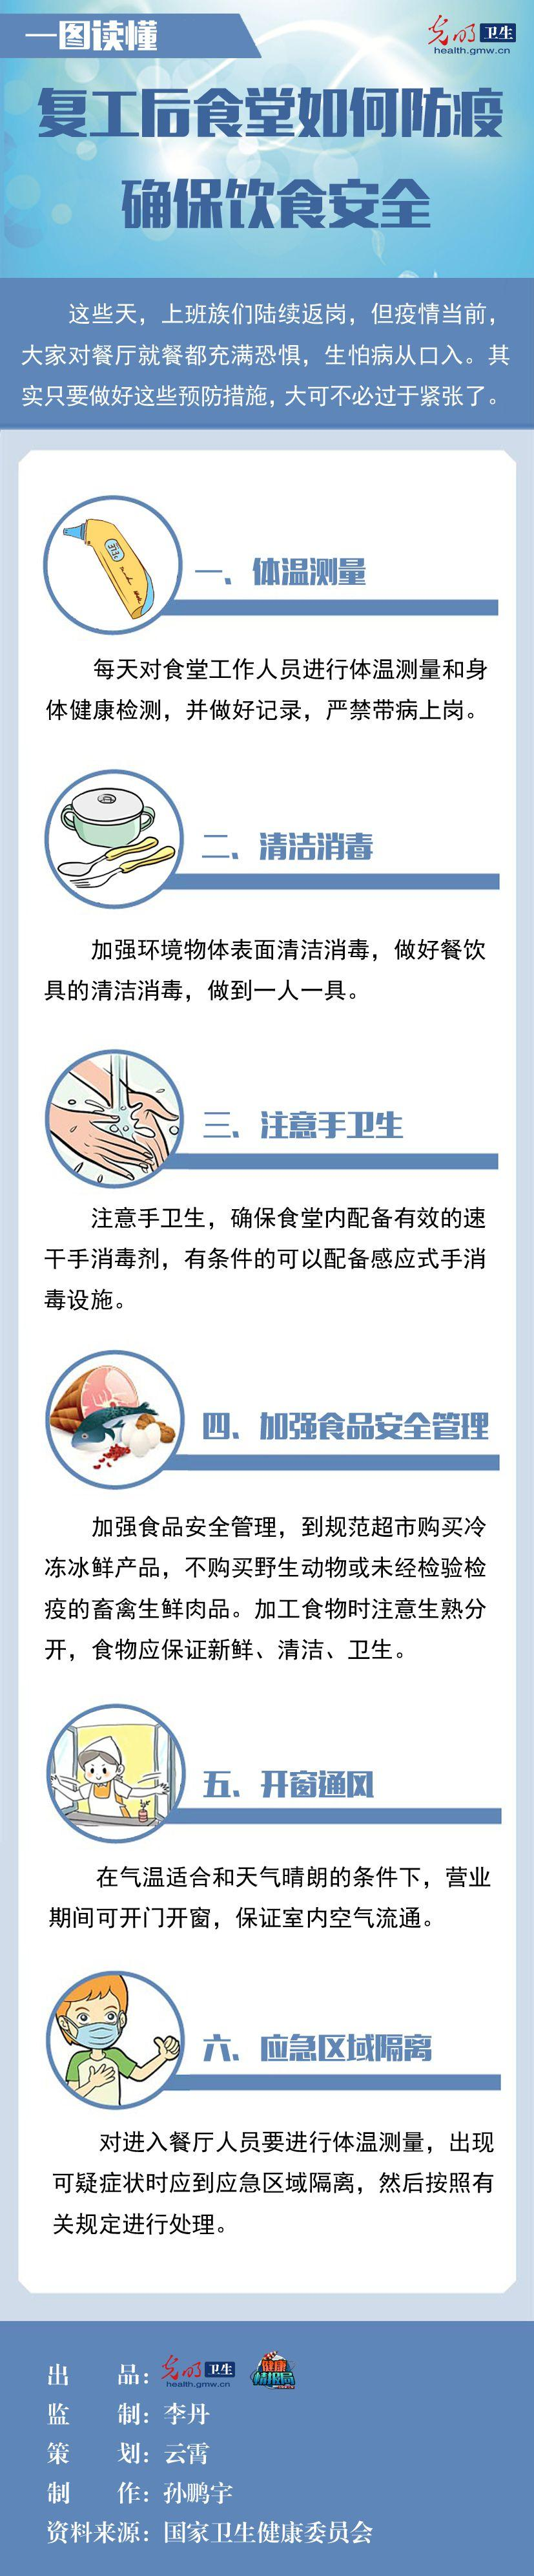 南京助孕复工后食堂如何防疫 确保饮食安全